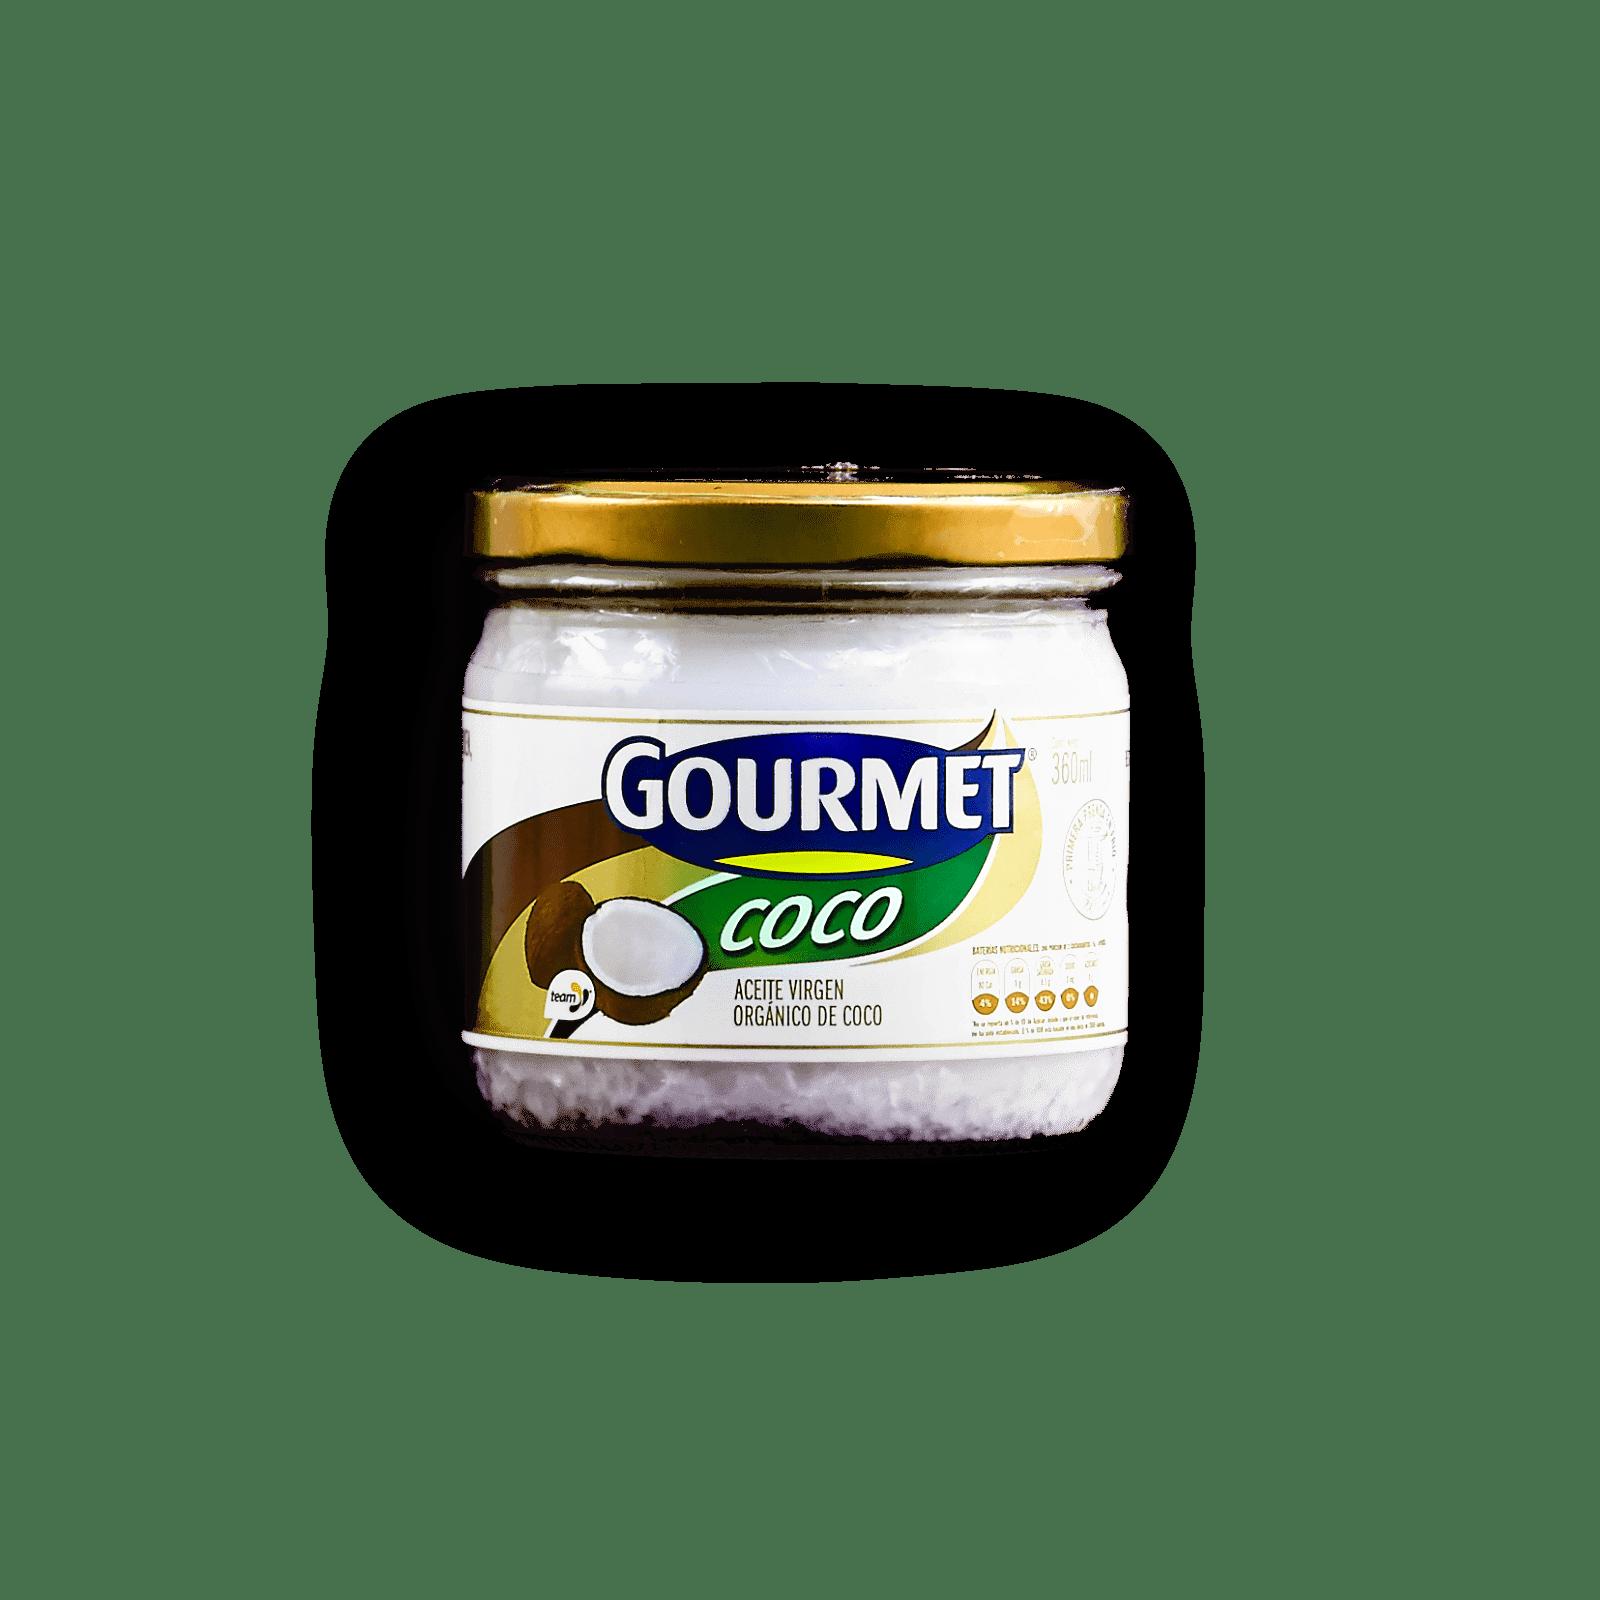 Aceite Virgen Organico De Coco Gourmet